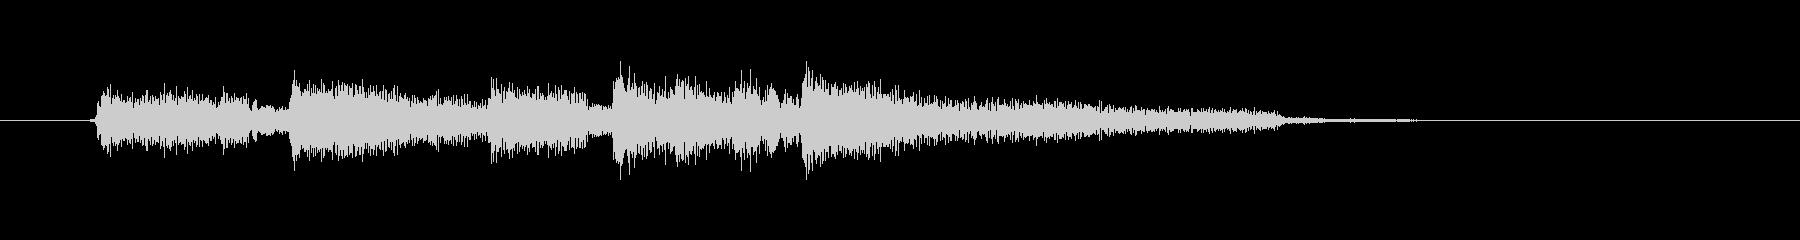 切ないギター音(ジングル、ドラマ)の未再生の波形